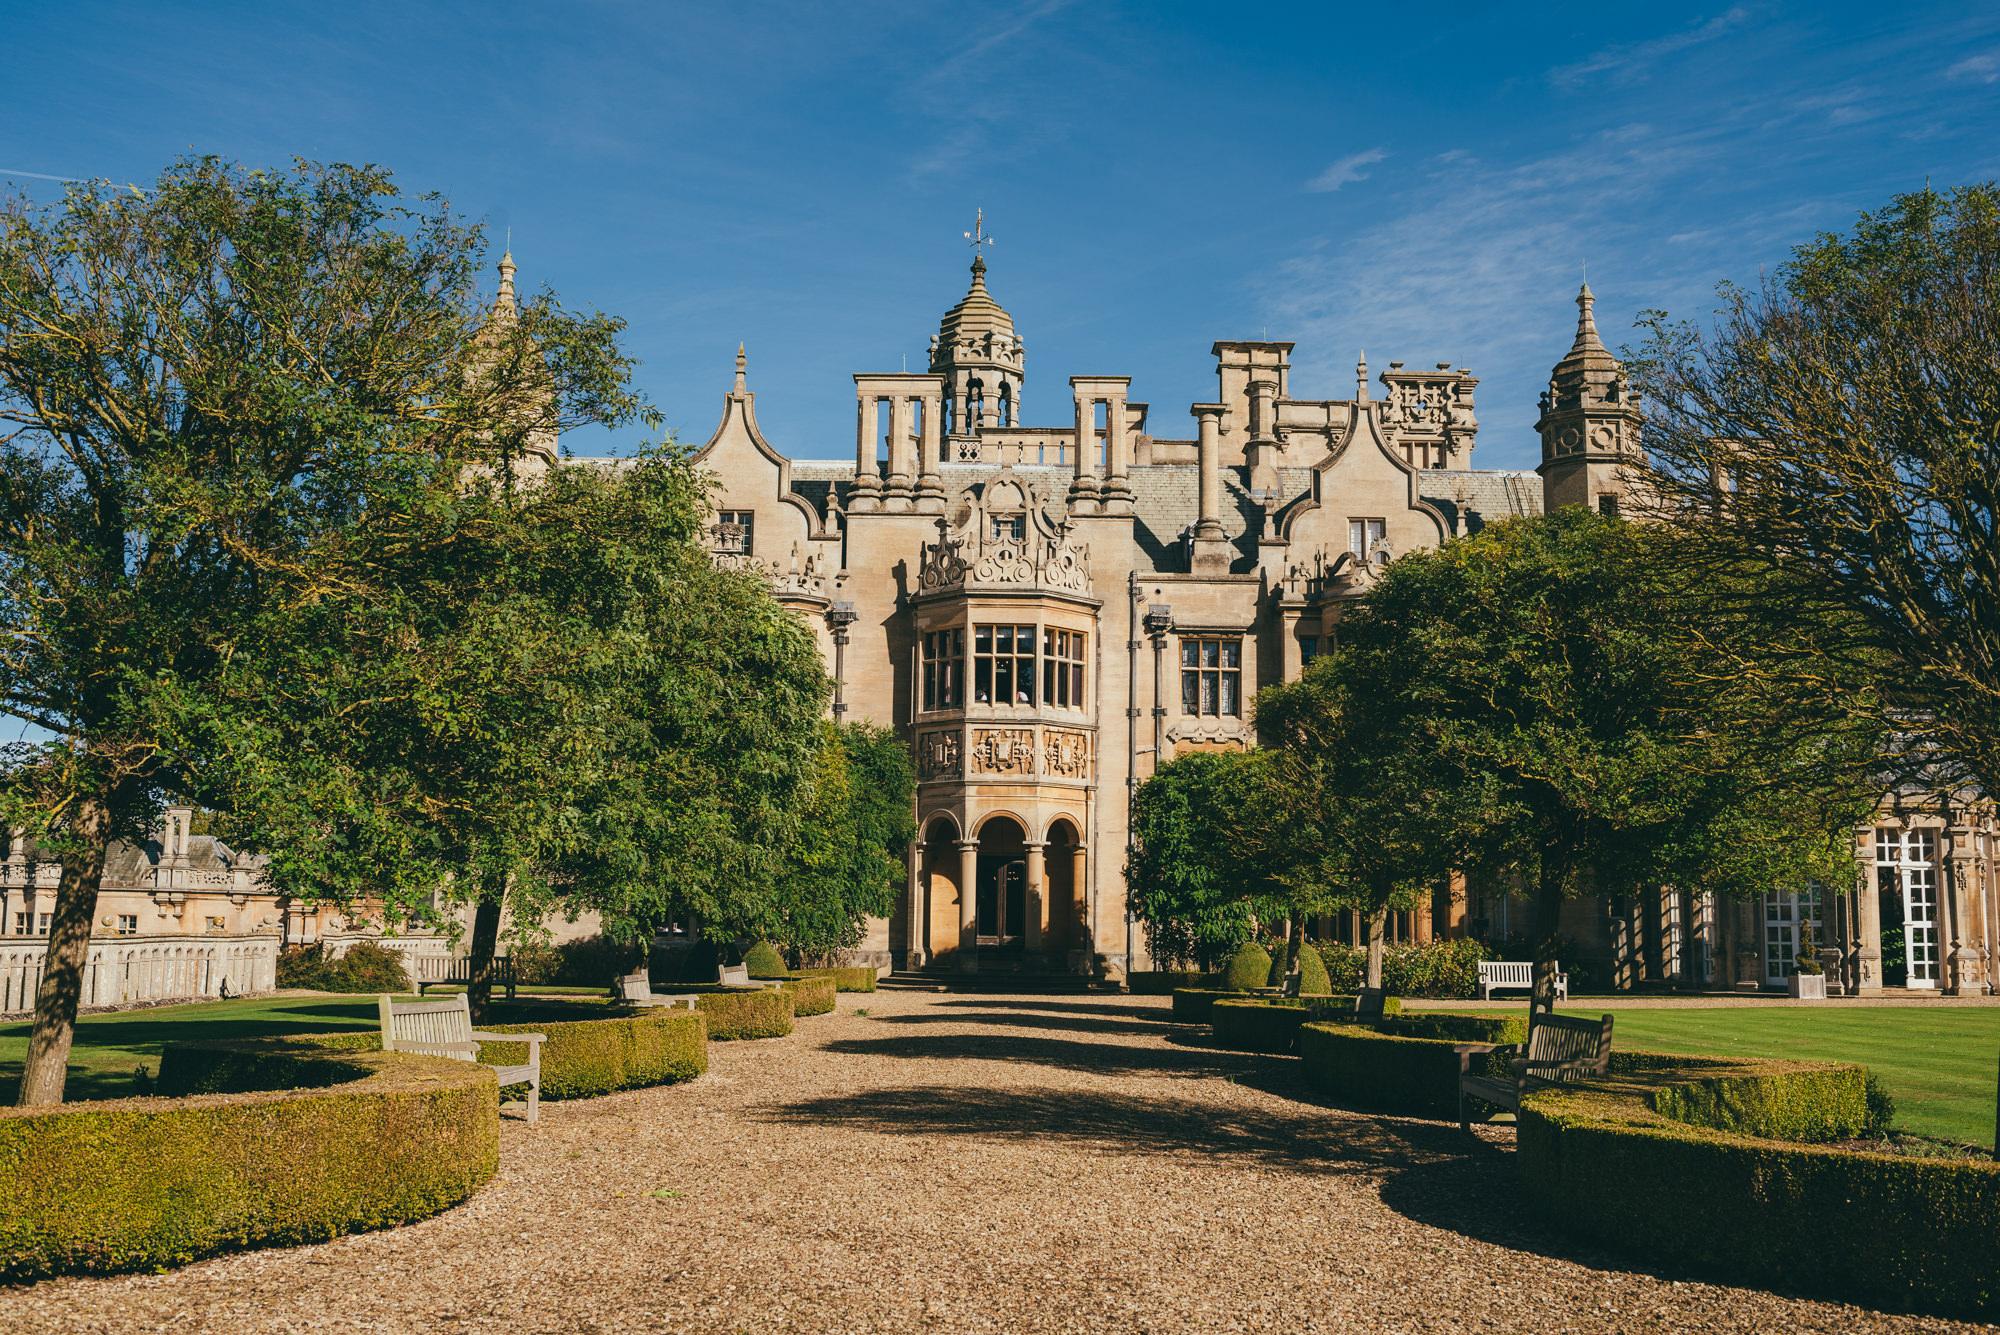 Harlaxton manor in the sunshine